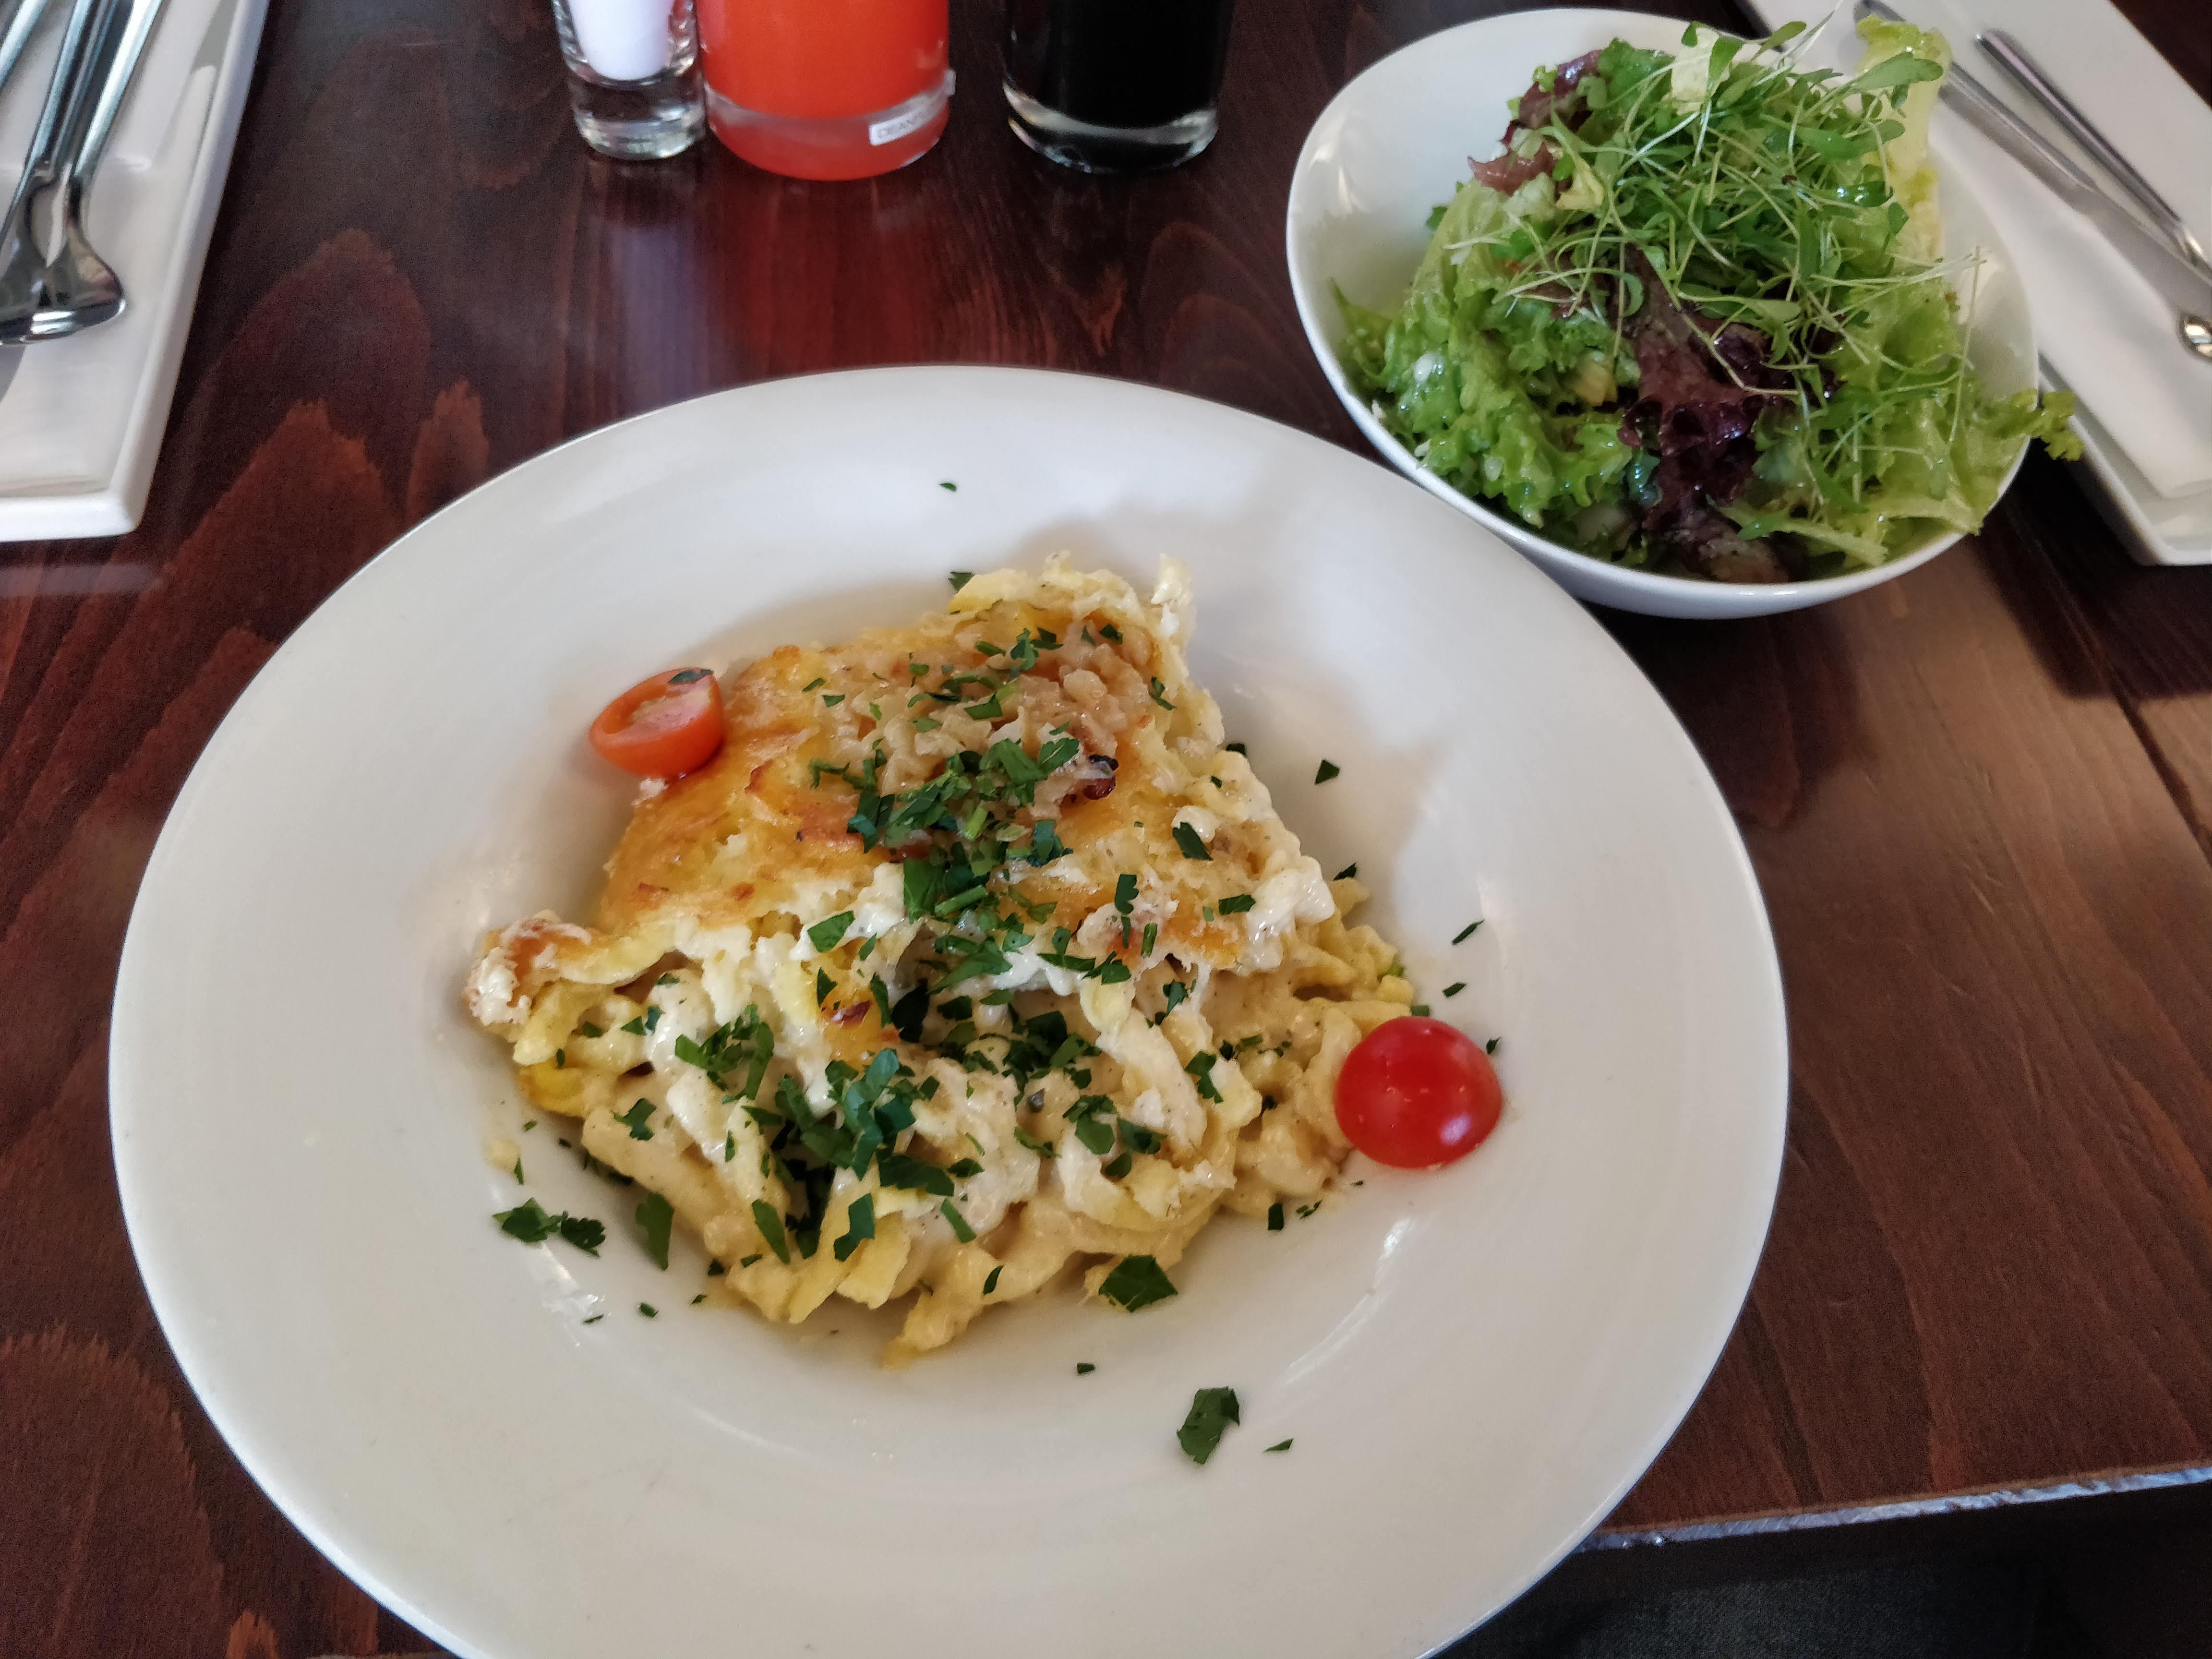 https://foodloader.net/nico_2019-02-19_kaesespaetzle-und-salat.jpg